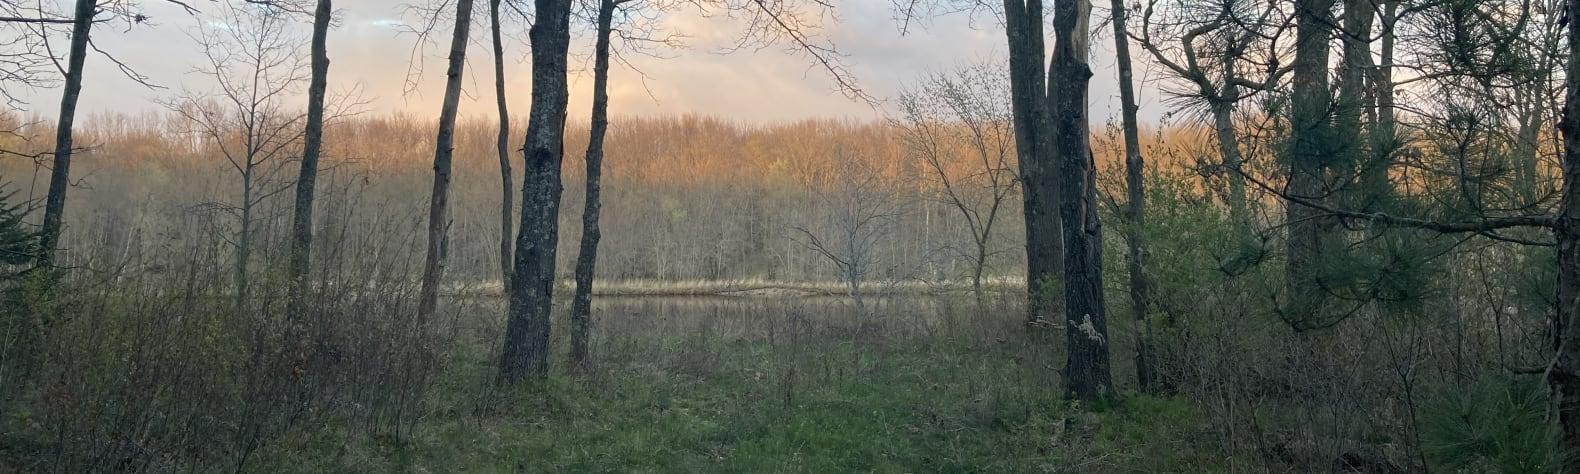 Mark M.'s Land